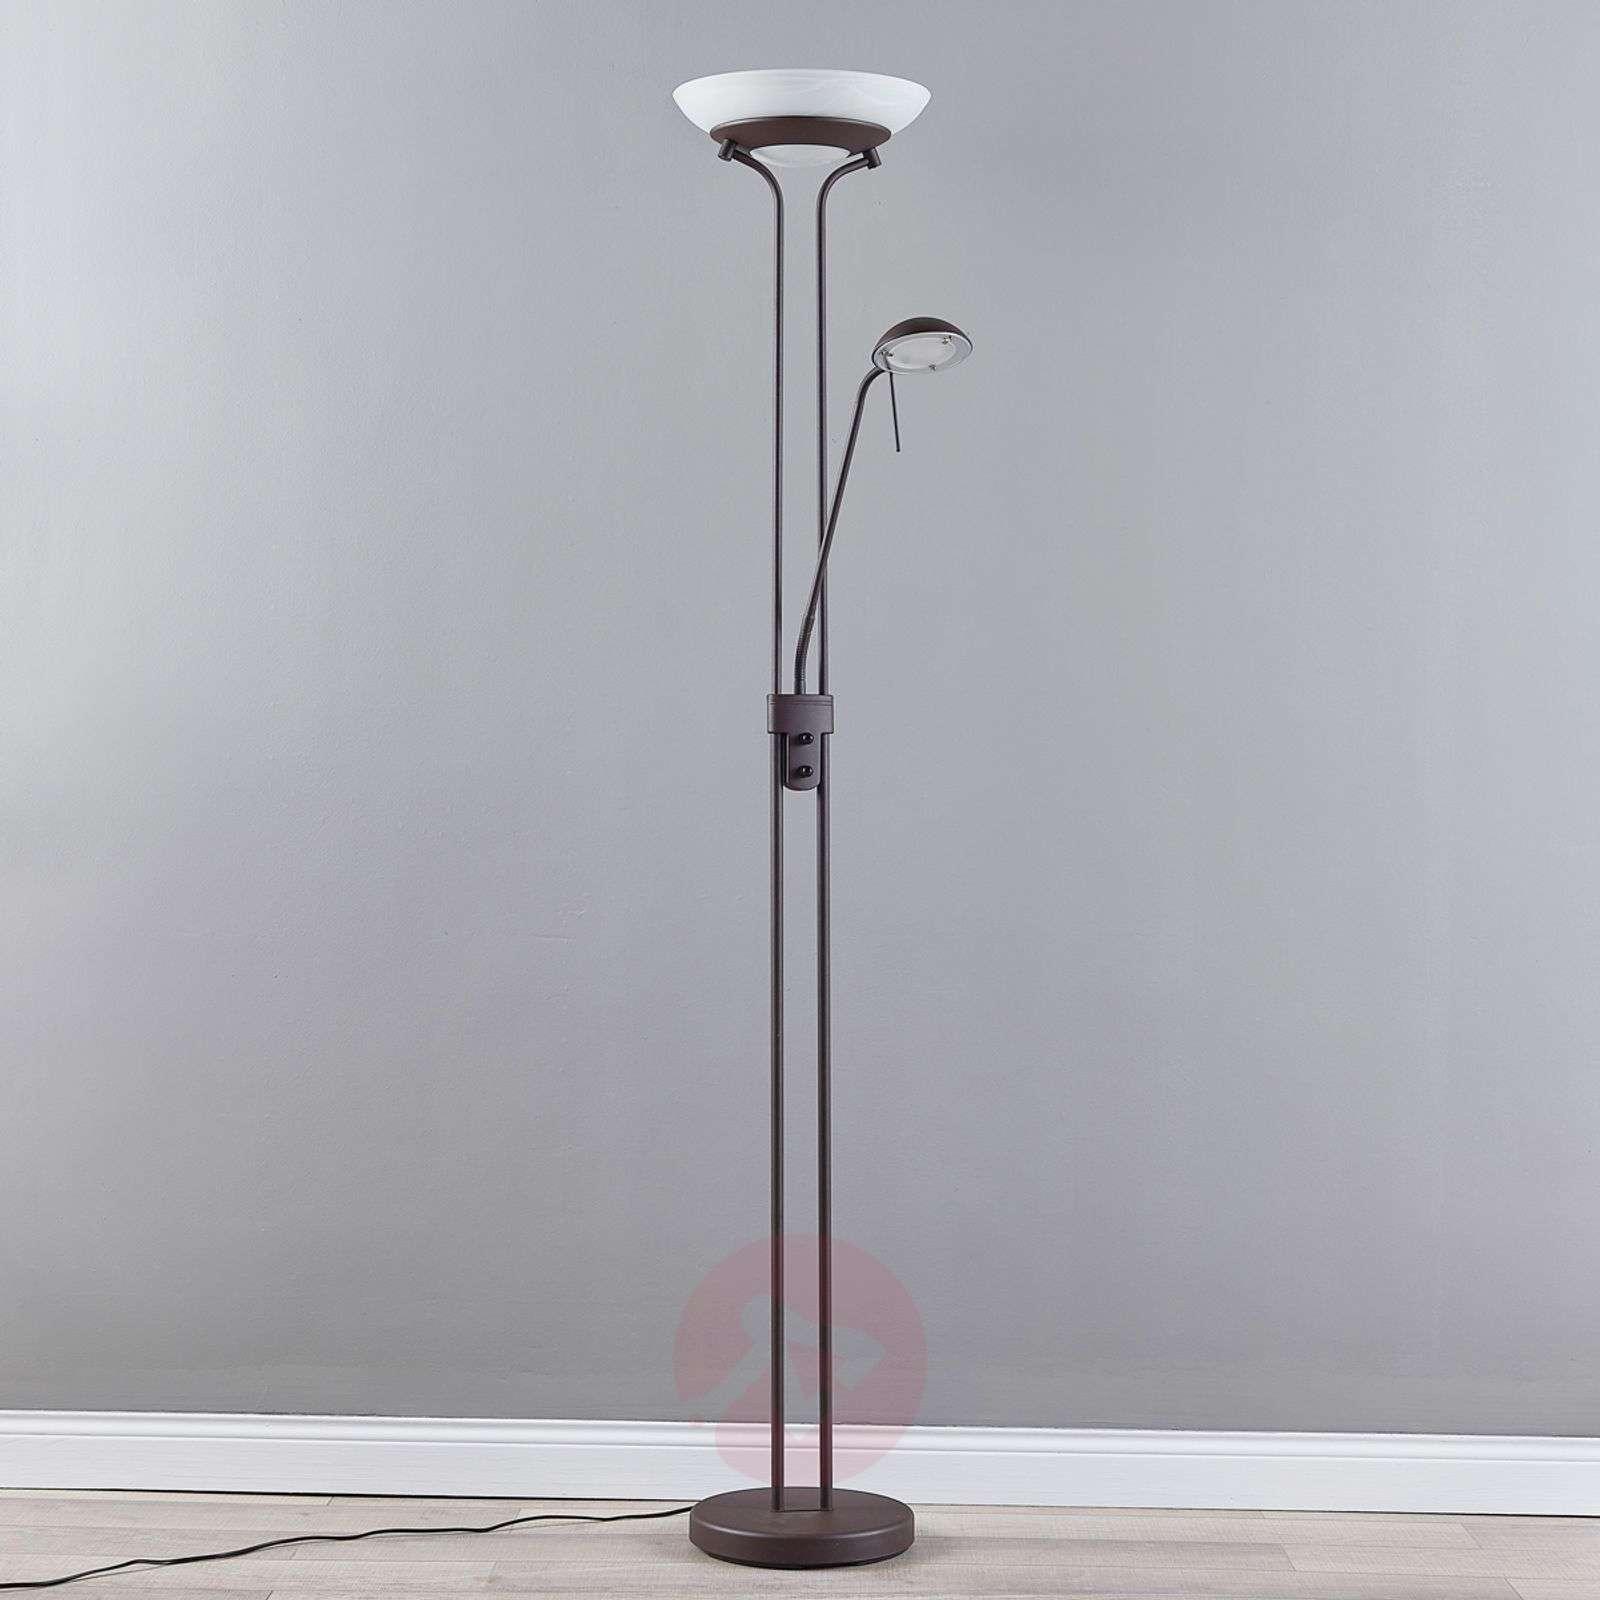 Yveta ruosteenvärinen LED-lattiavalaisin, himmen-9620912-07